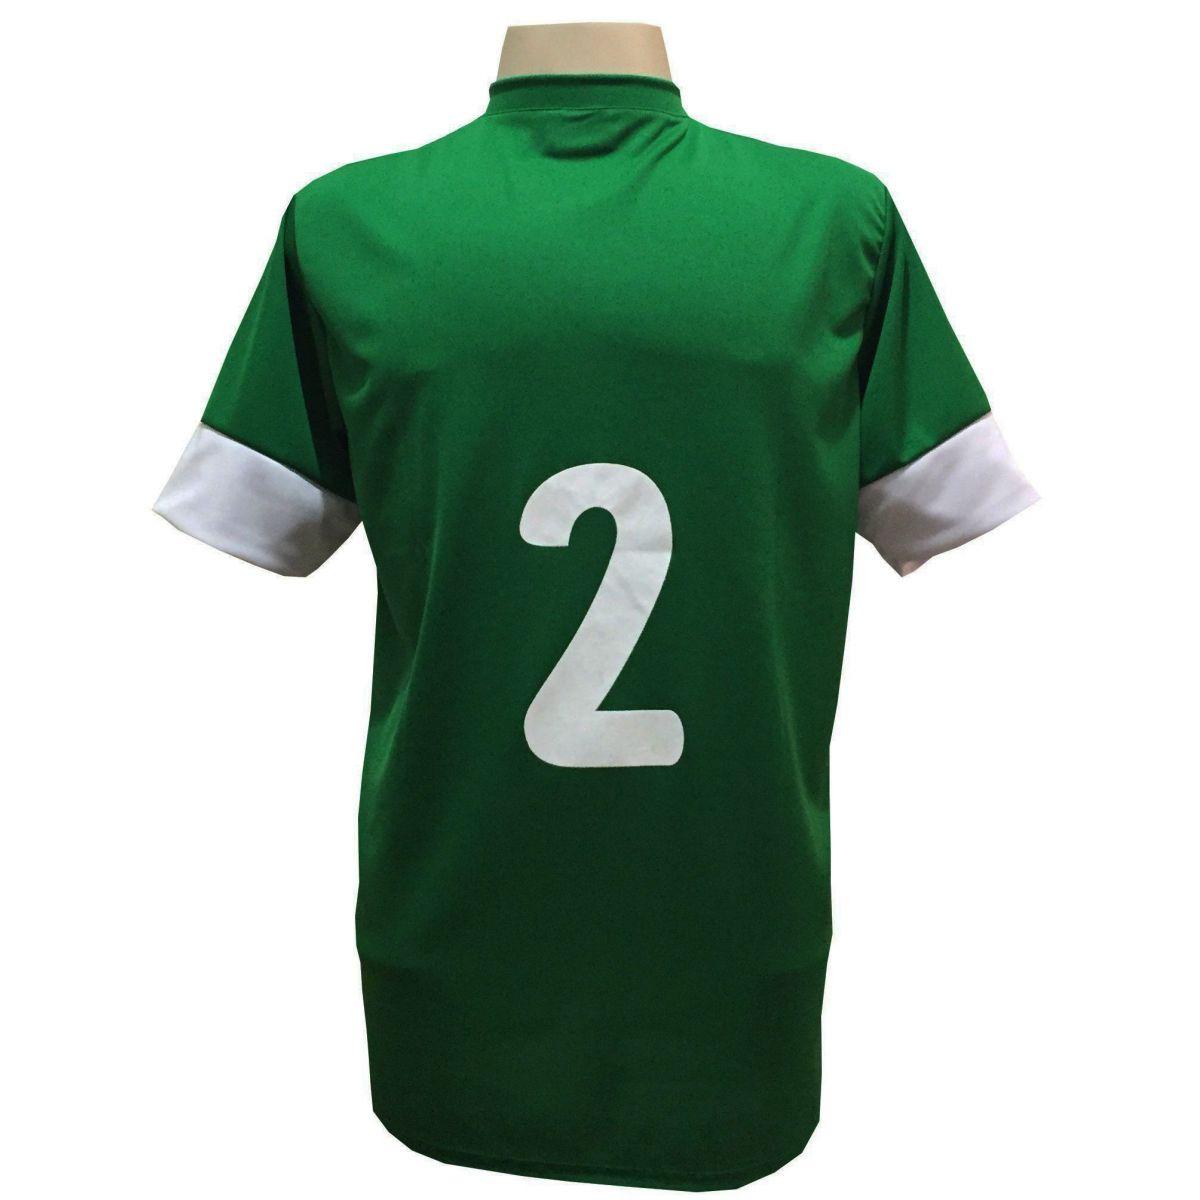 Jogo de Camisa com 18 unidades modelo Columbus Verde/Branco + Brindes